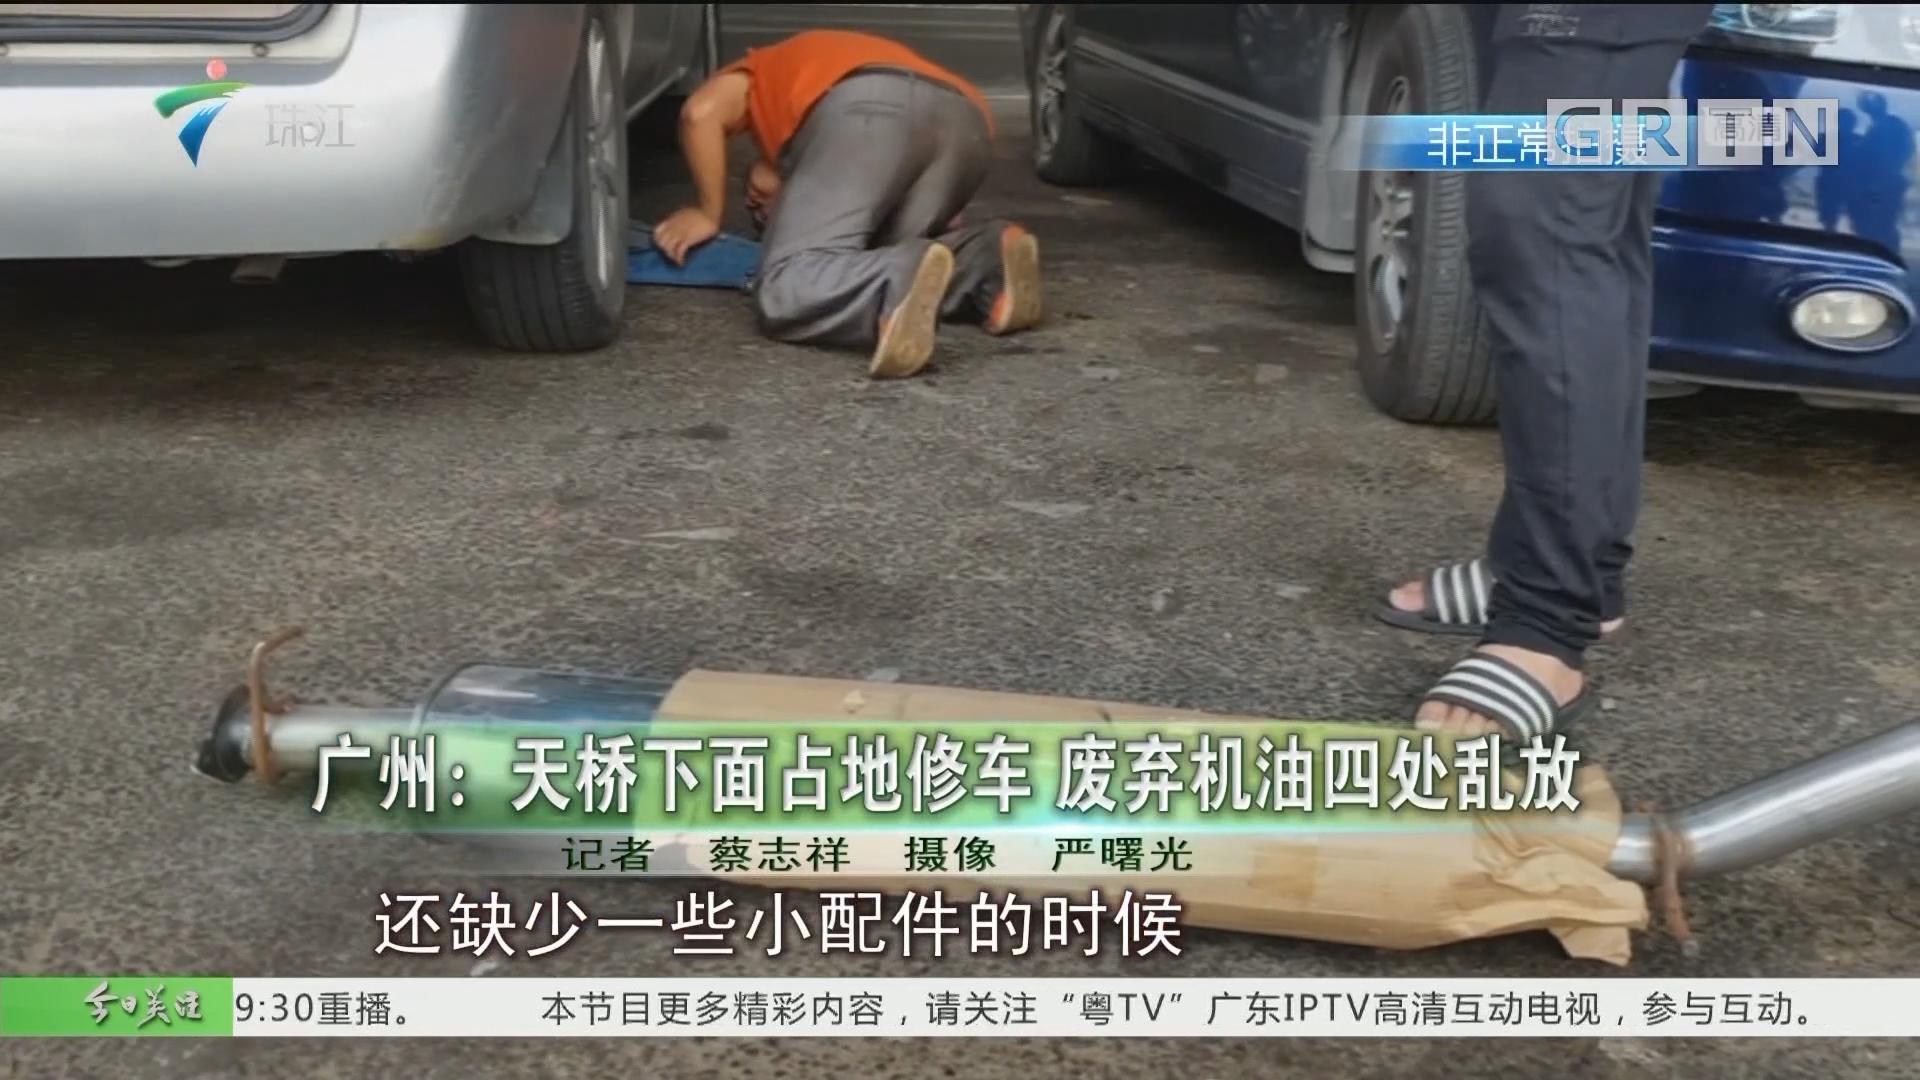 广州:天桥下面占地修车 废弃机油四处乱放